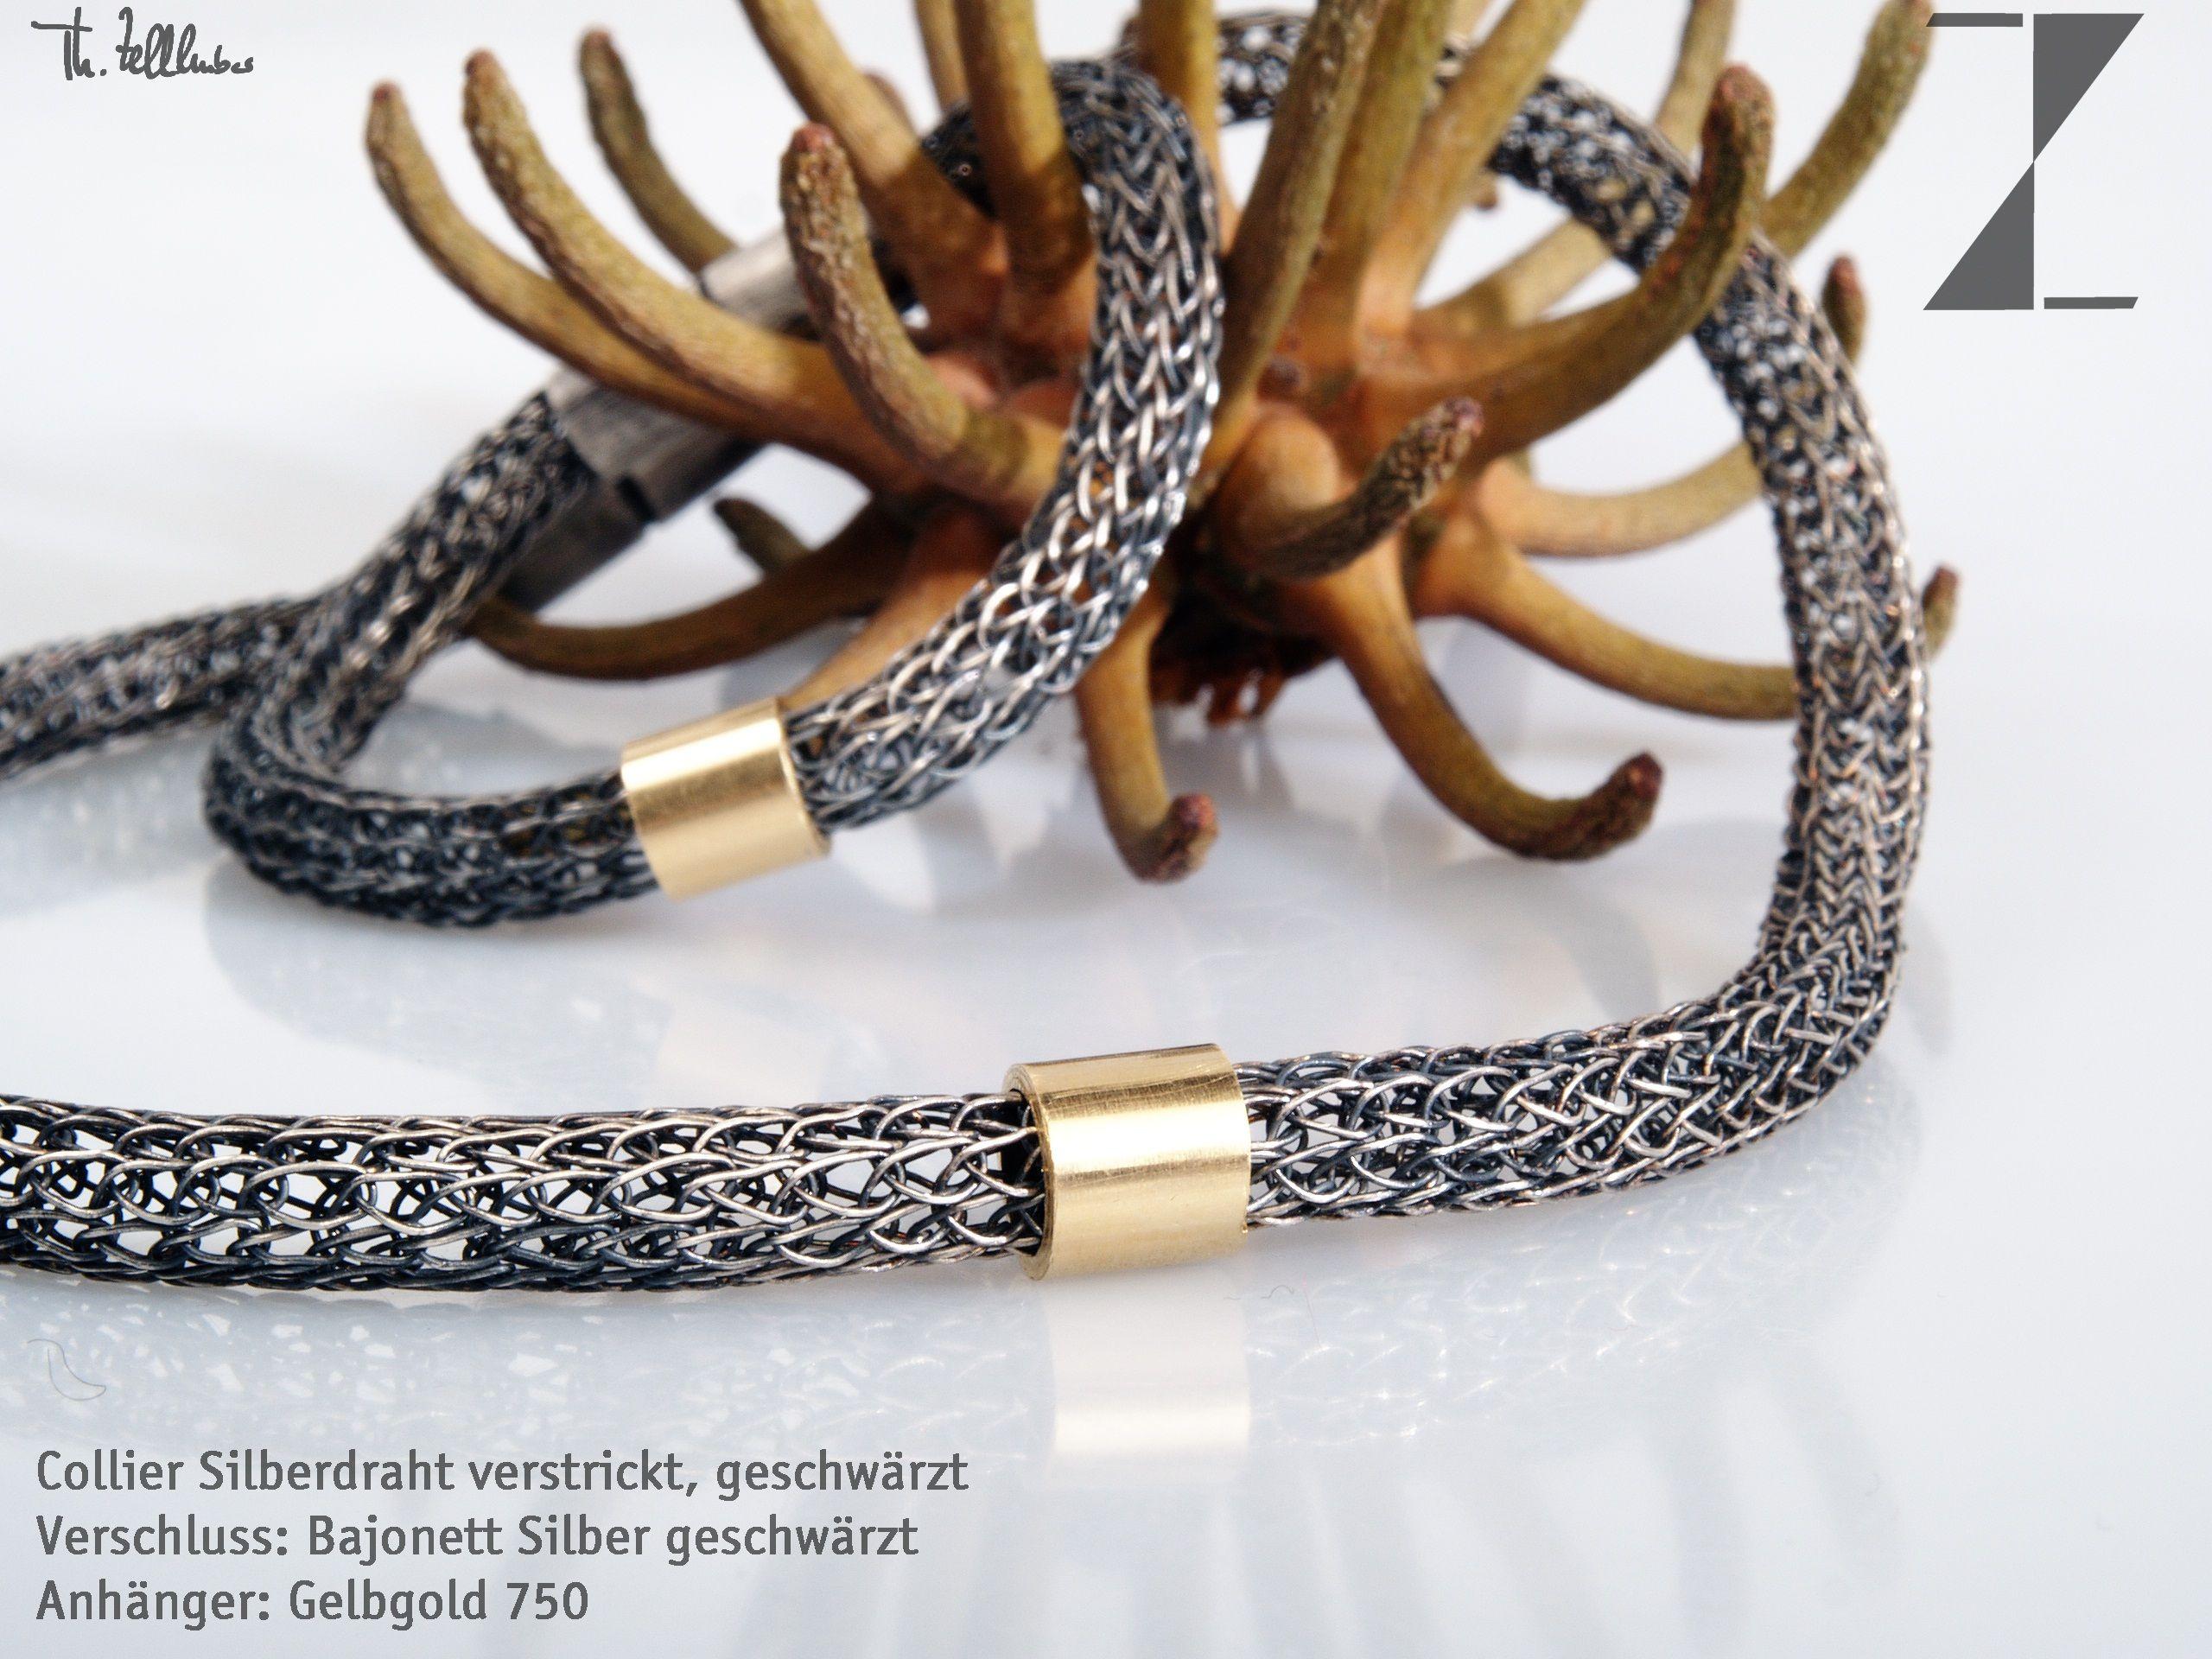 Pin von Art Senger auf Kunsthandwerk | Pinterest | Gold silber ...